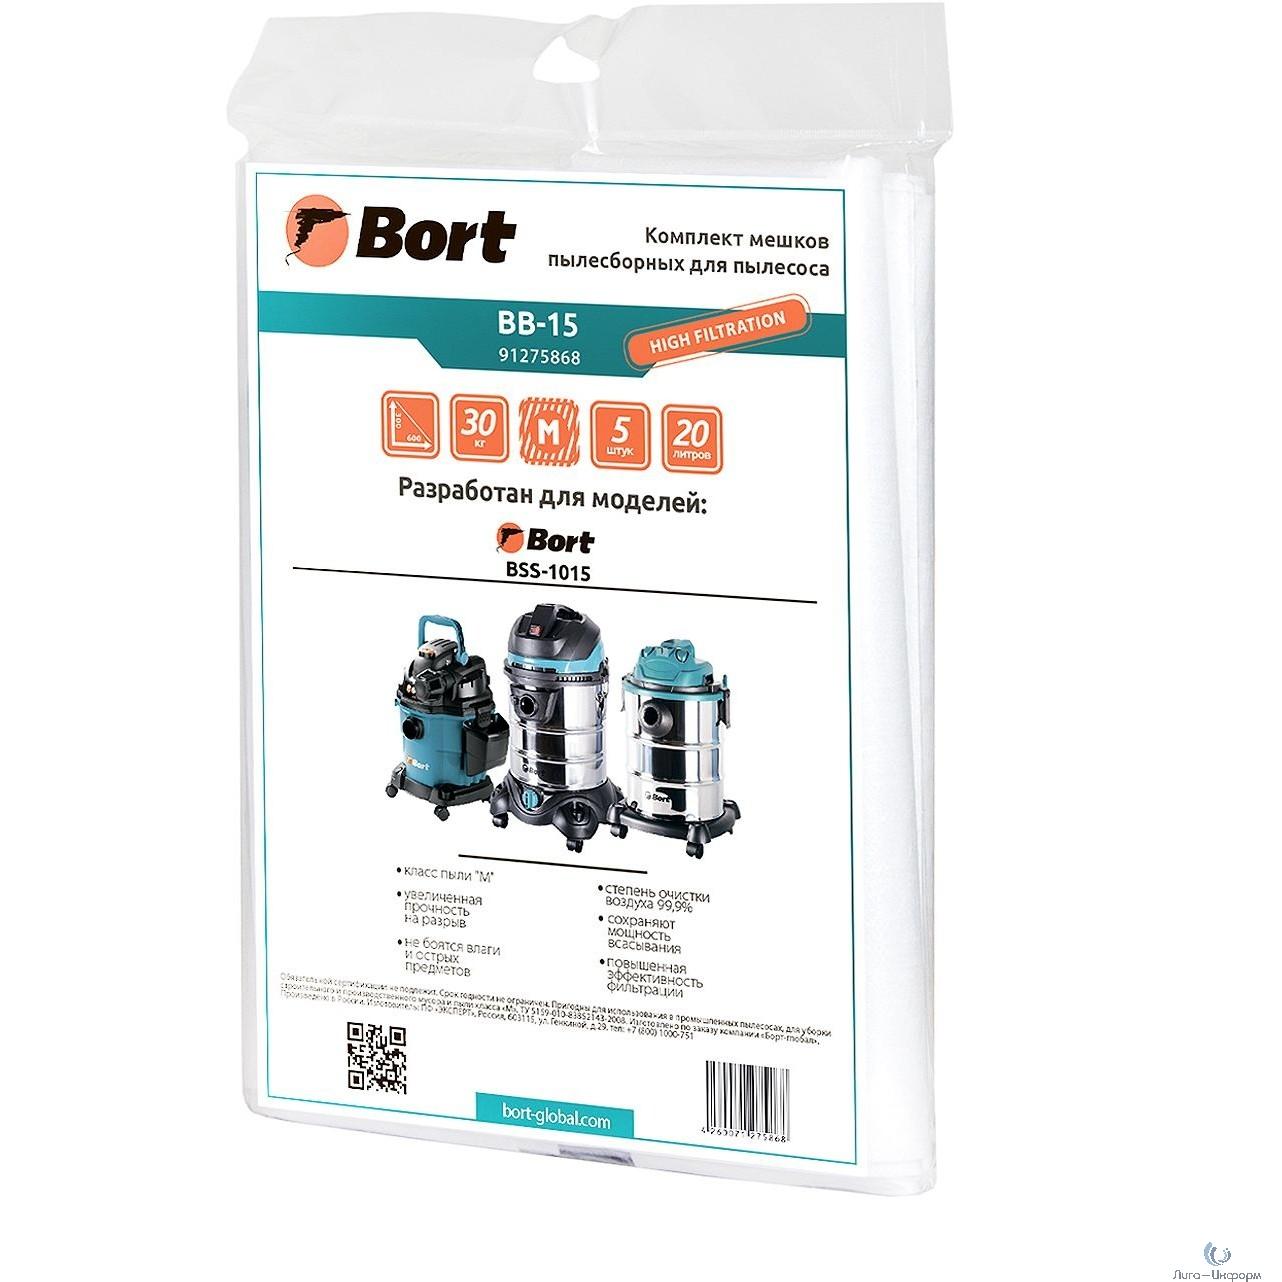 Bort Мешок пылесборный для пылесоса 5 шт [91275868]